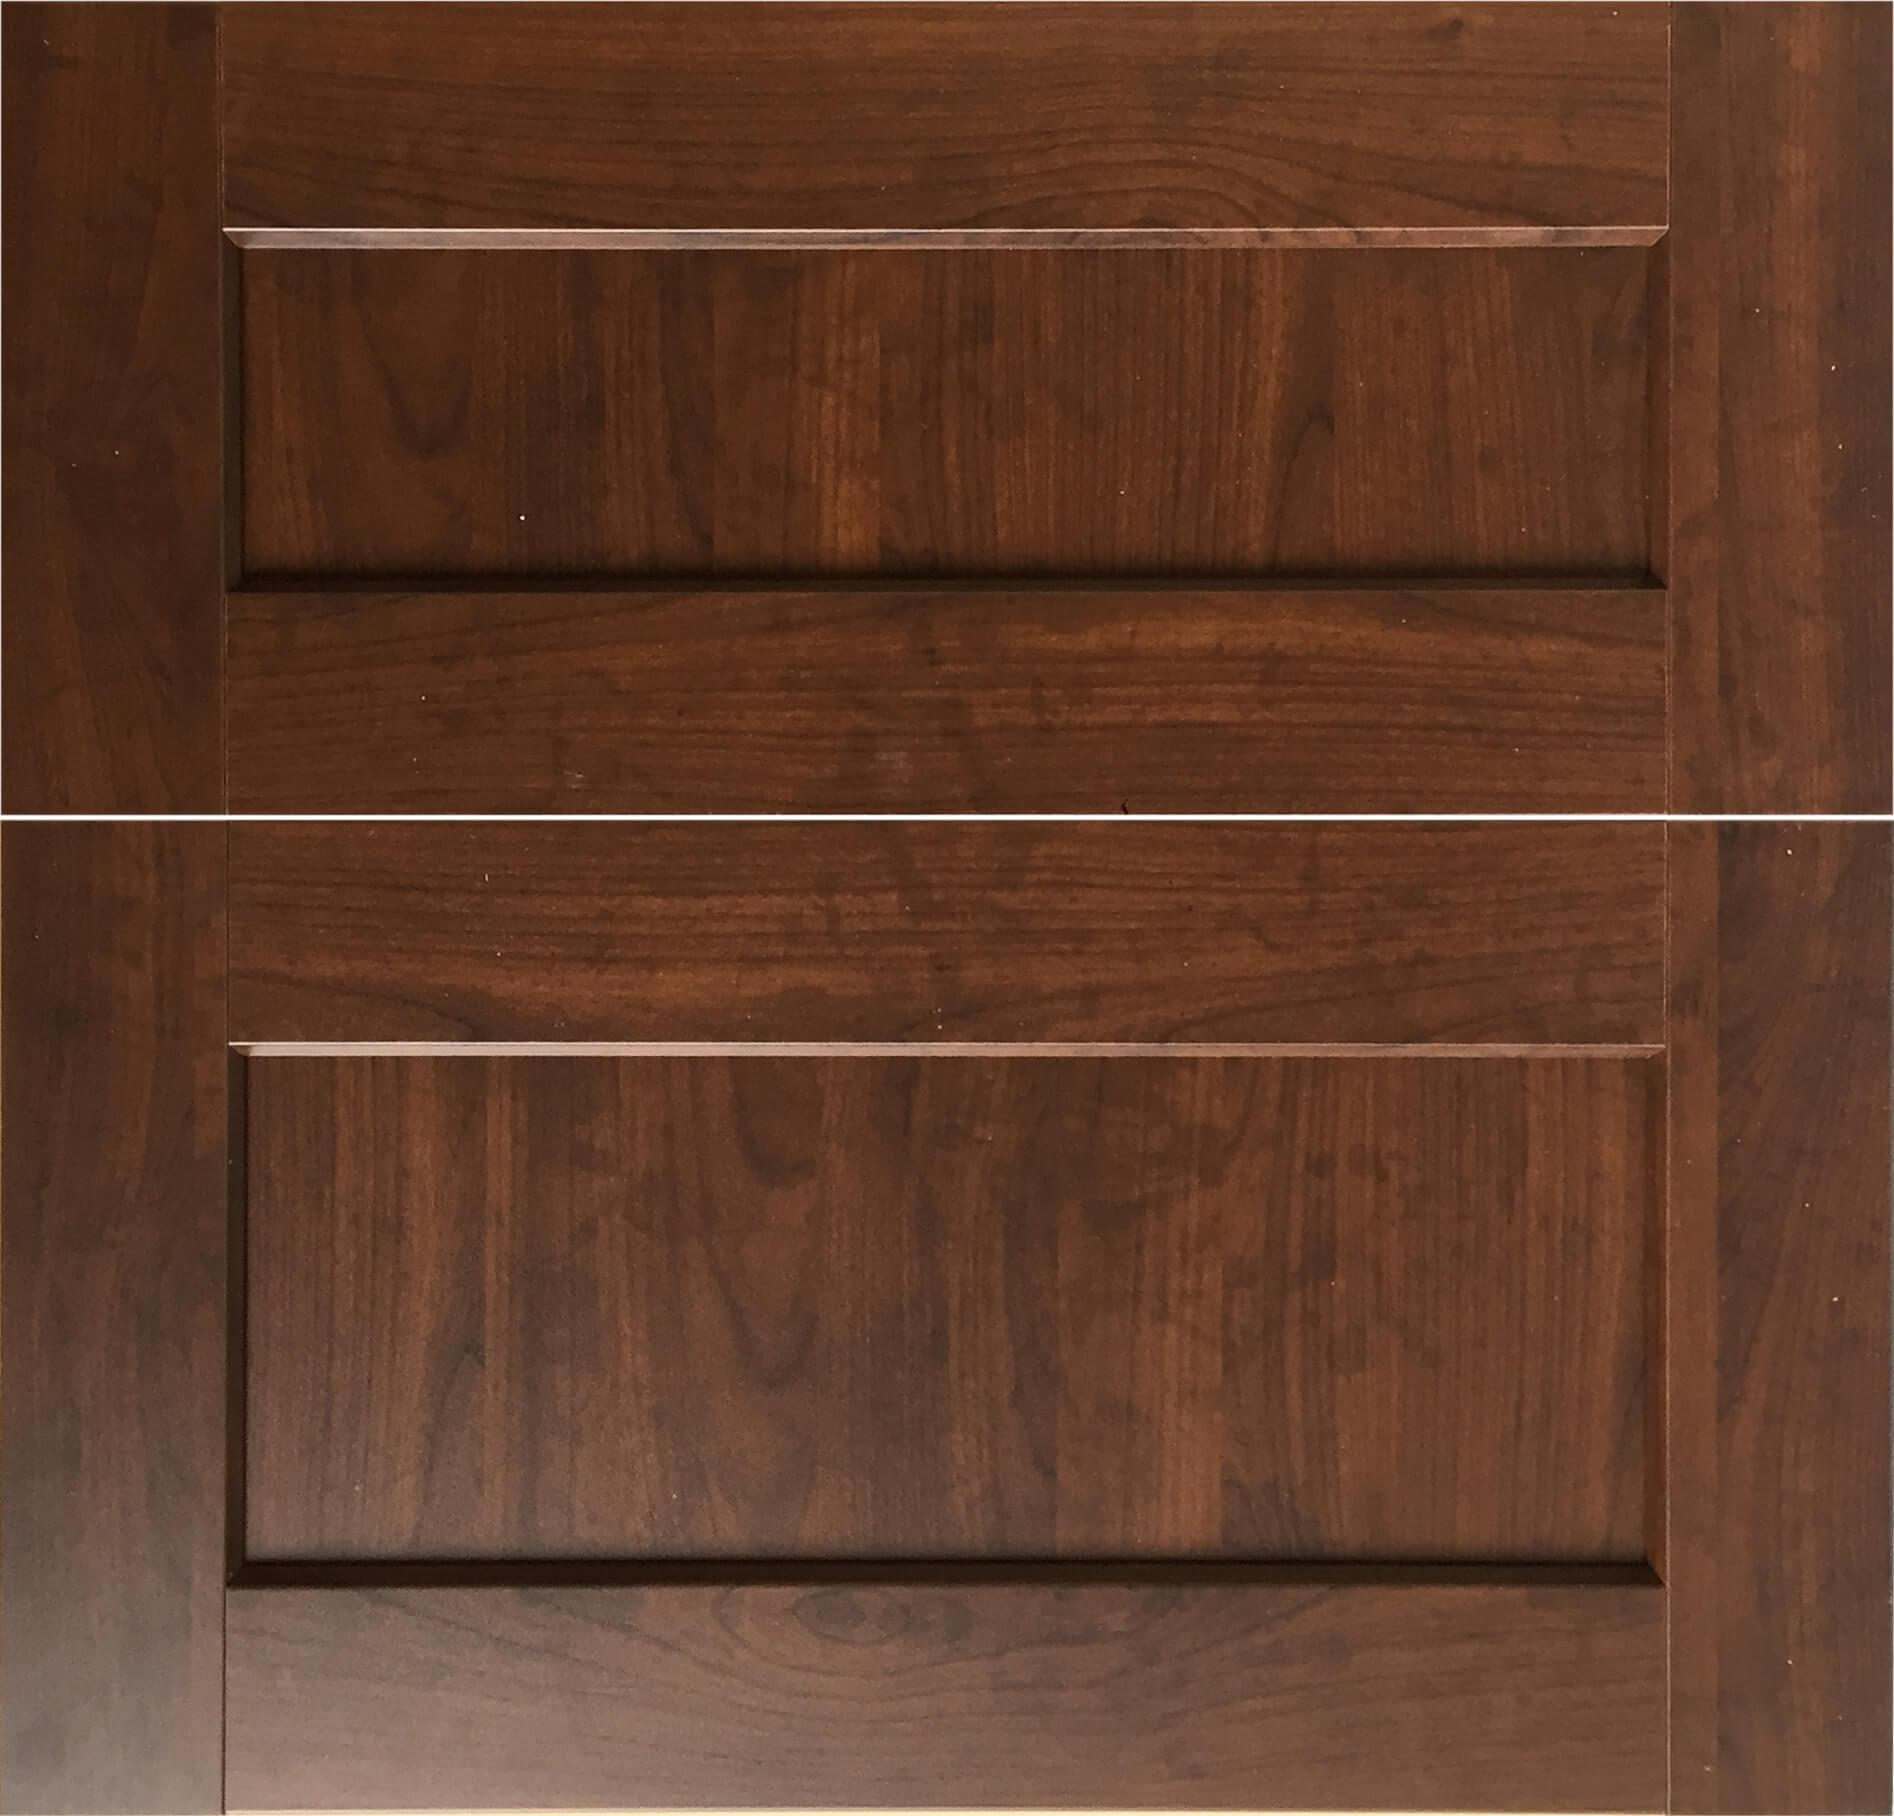 Ikea rockhammar schubladen küchenfront 60x57cm in holzeffekt ...